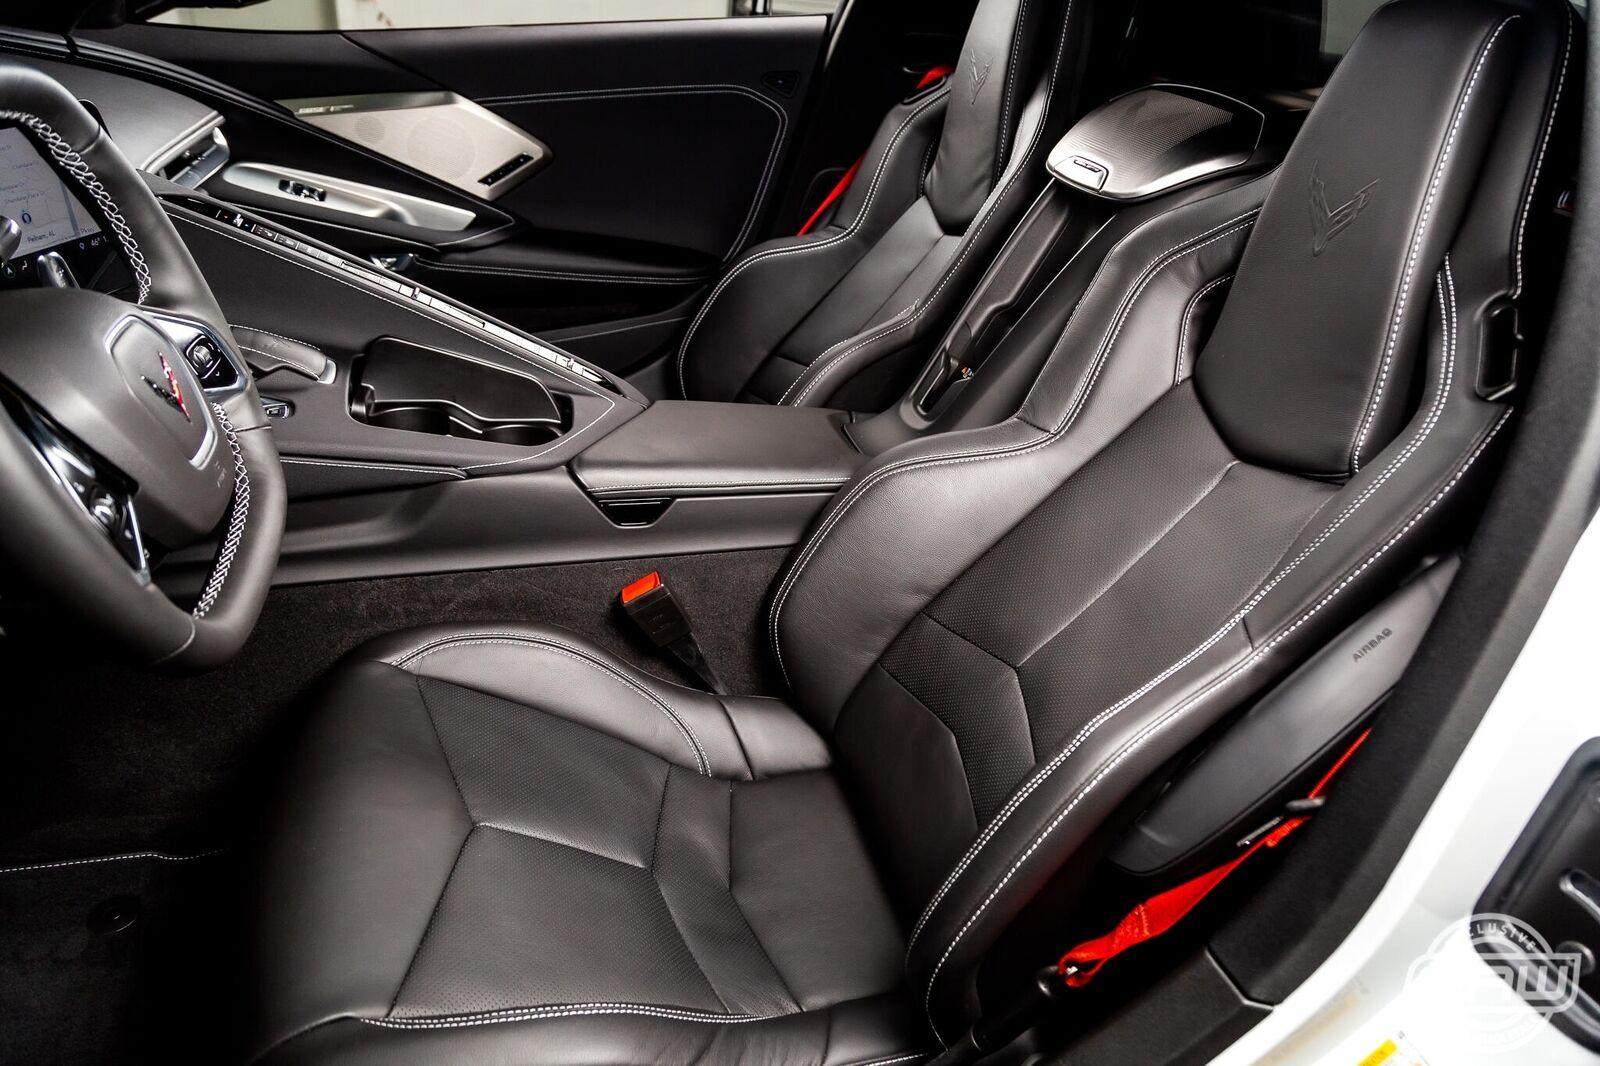 2020 White Chevrolet Corvette Stingray 2LT | C7 Corvette Photo 5